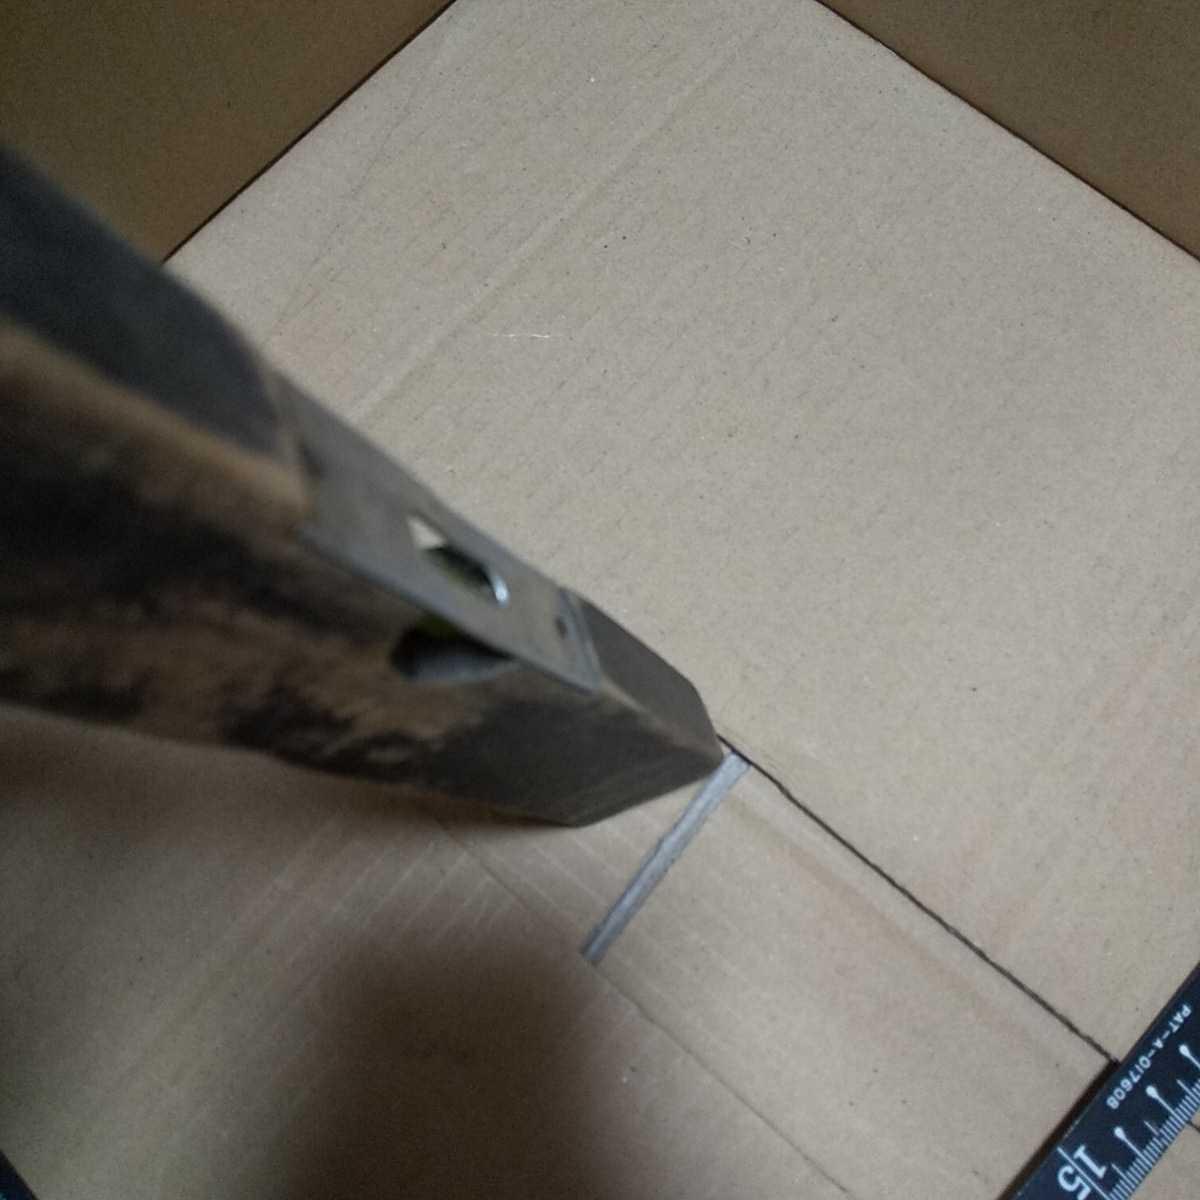 大工道具 アンティーク 水平器 ジャンク 昭和 レトロ 古い コレクション 古道具 送料無料_画像9